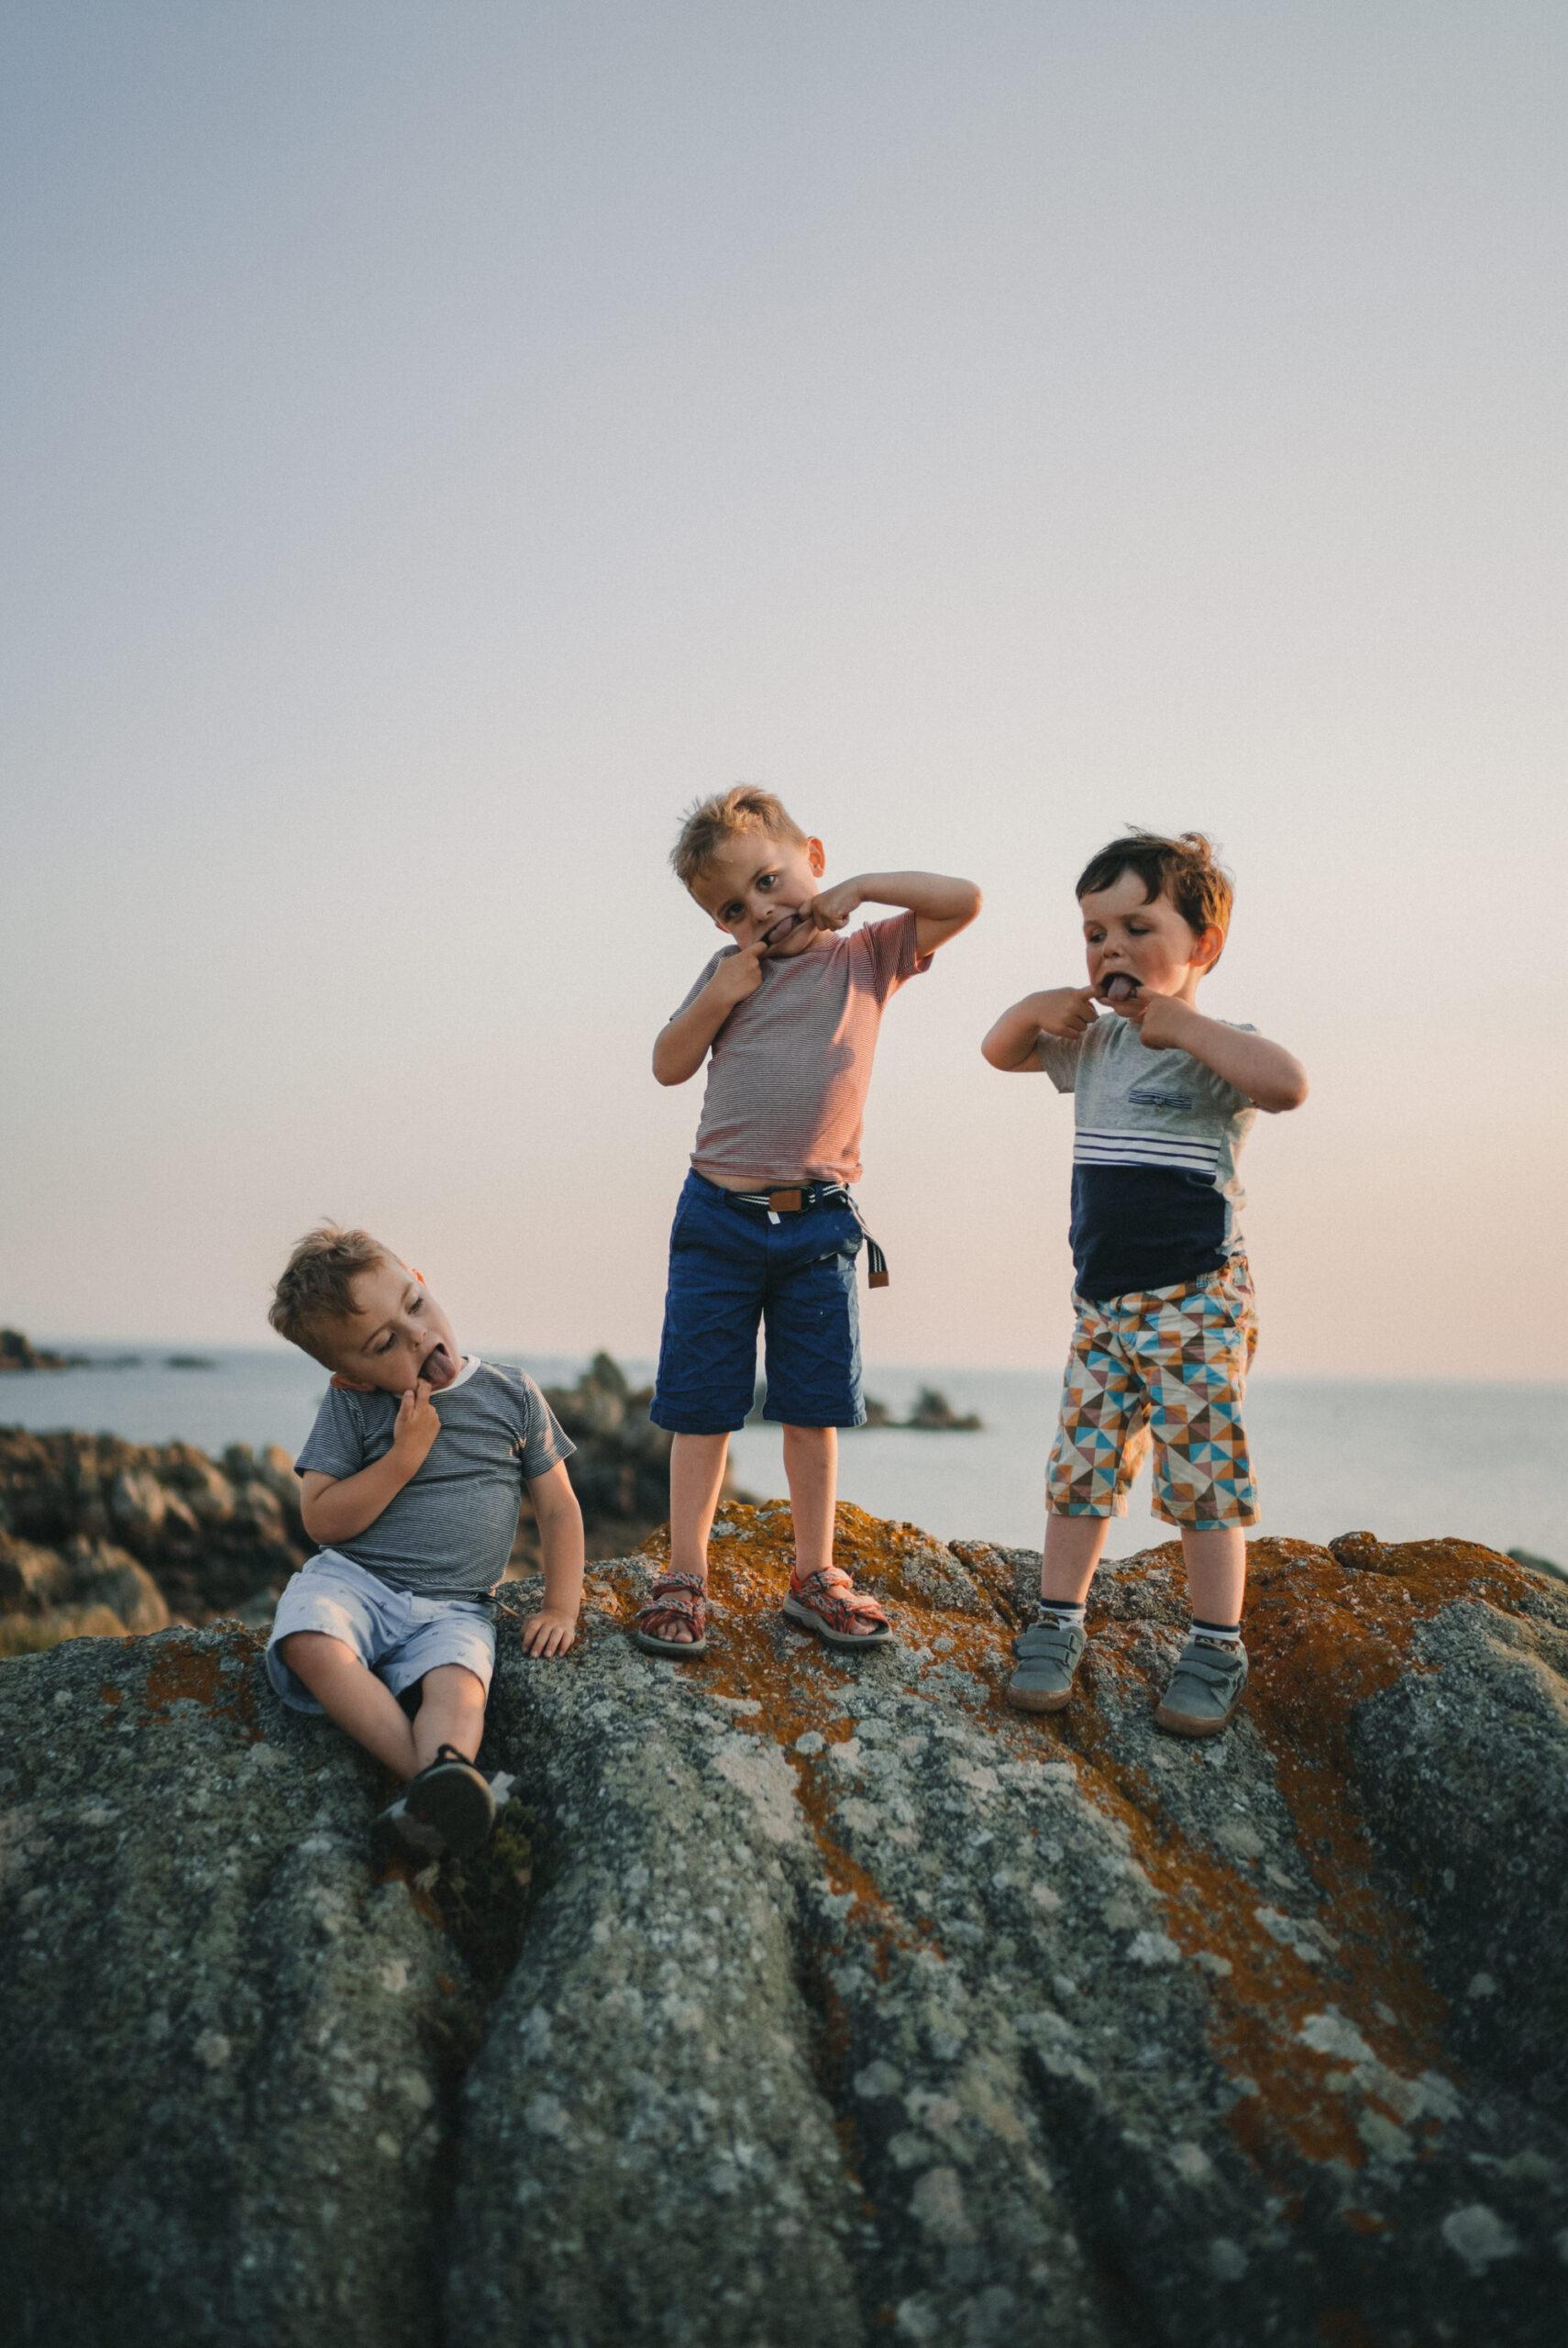 2021.07.20 Photo De Famille A Porspoder En Bretagne Par Antoine Borzeix 309 Scaled, Photographe & Videaste à Brest / Finistère